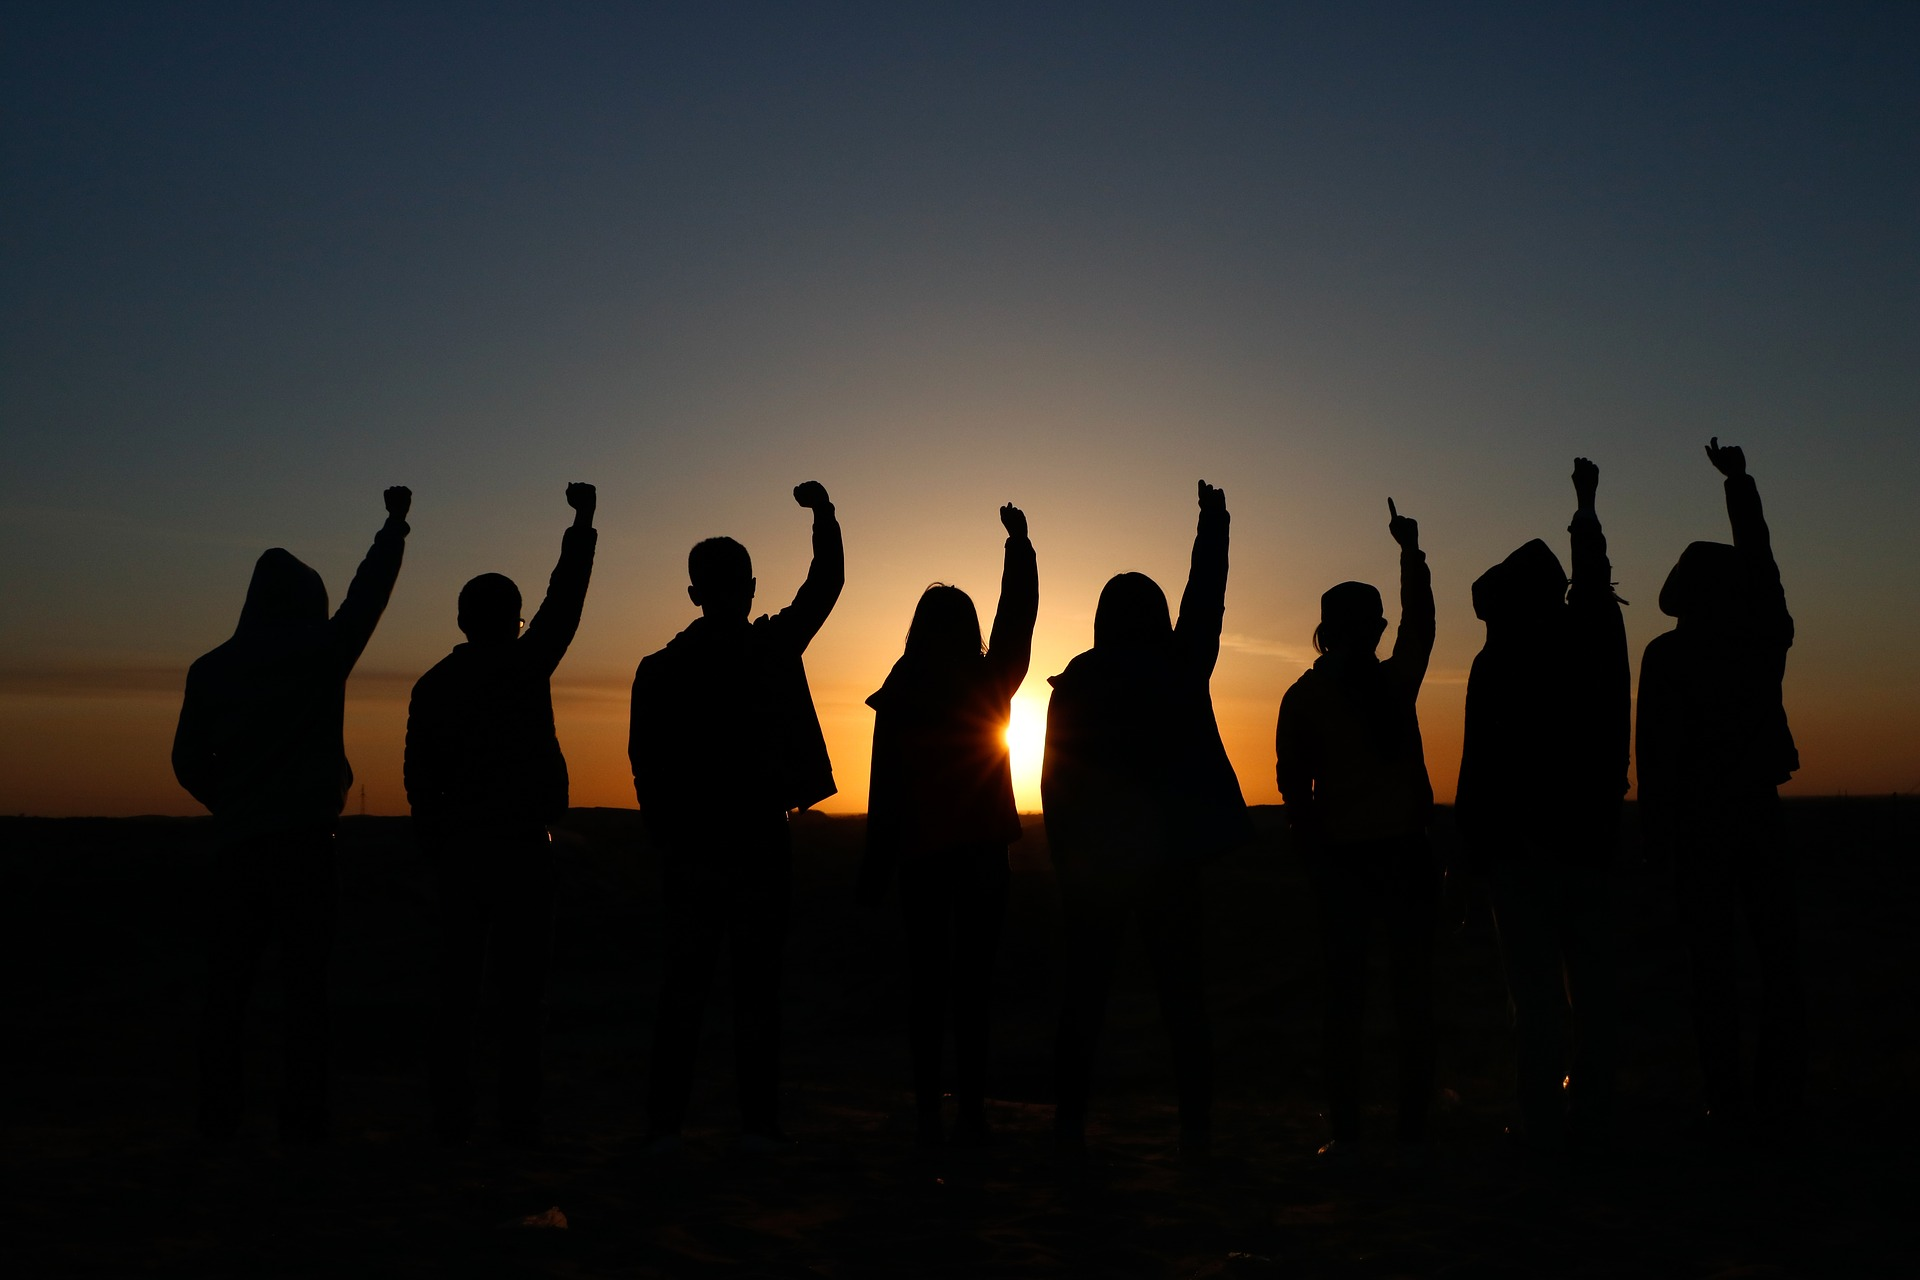 Zusammenkommen ist ein Beginn, zusammenbleiben ein Fortschritt, zusammenarbeiten ein Erfolg! - (Henry Ford)